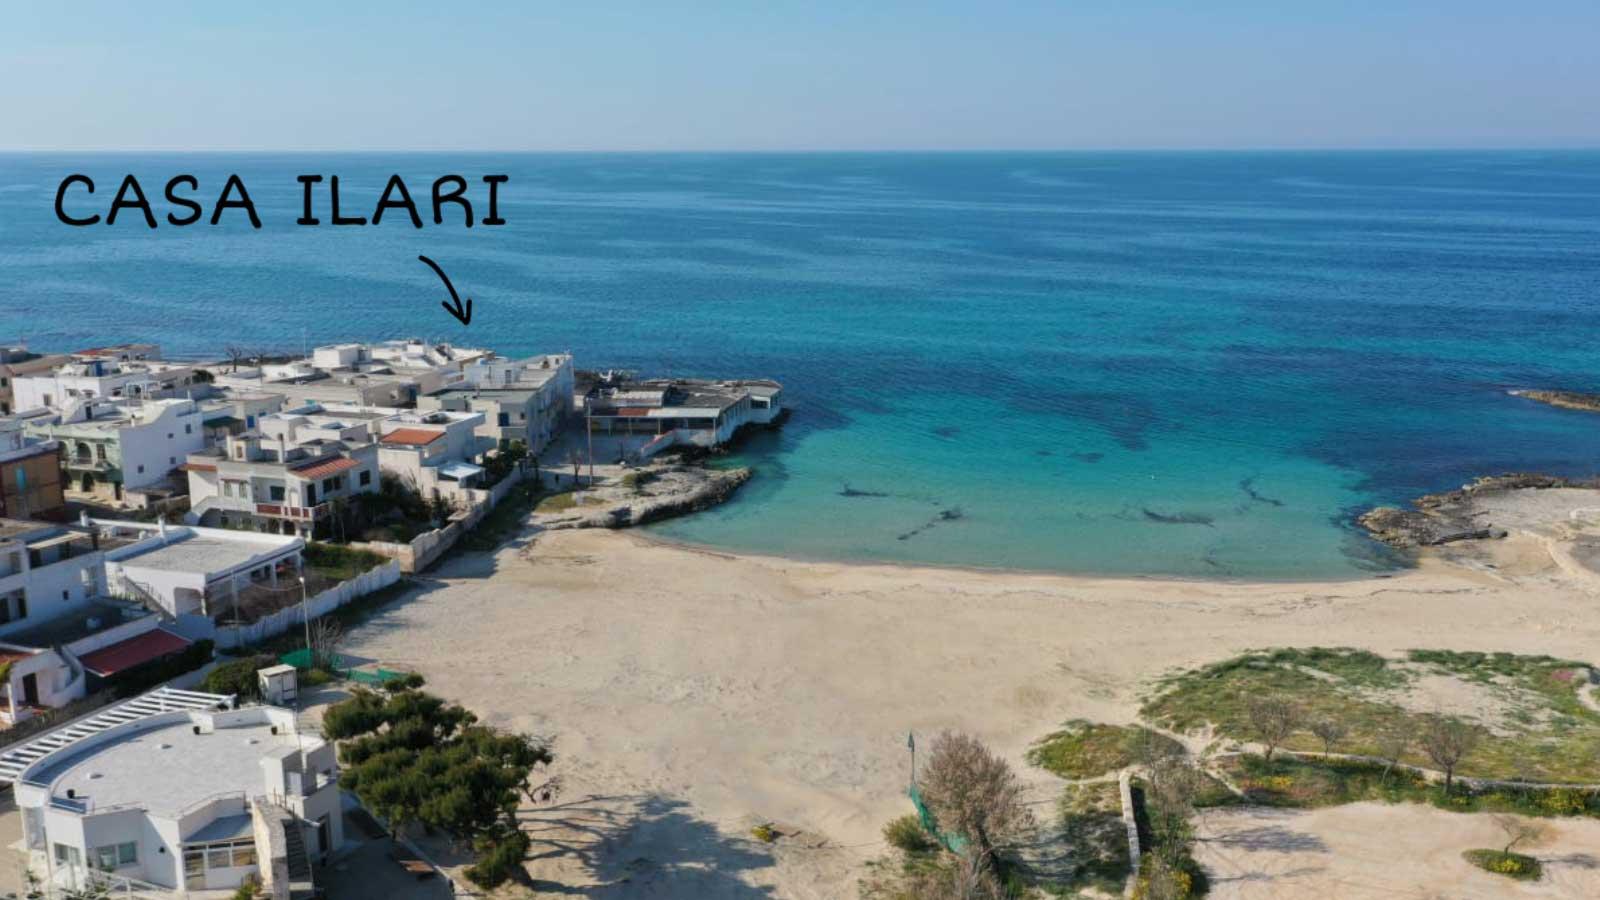 vacanze ostuni casa ilari spiaggia drone